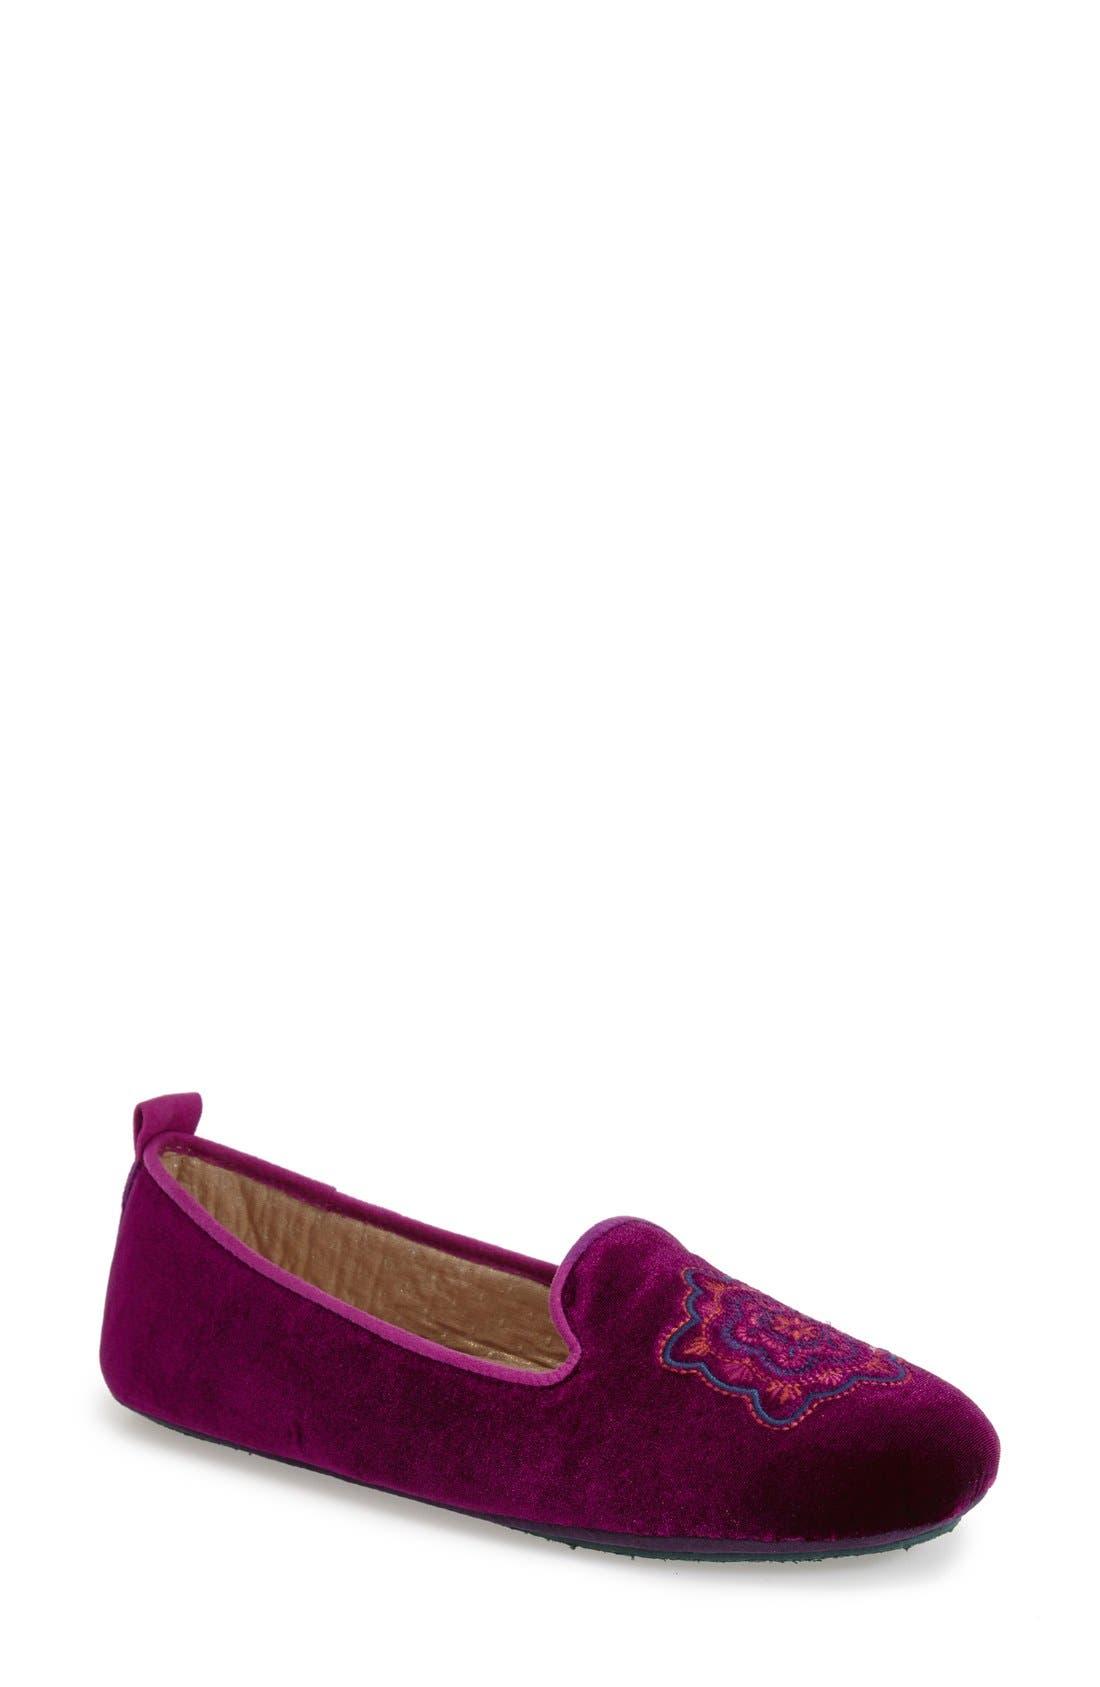 Acorn Embroidered Slipper (Women)